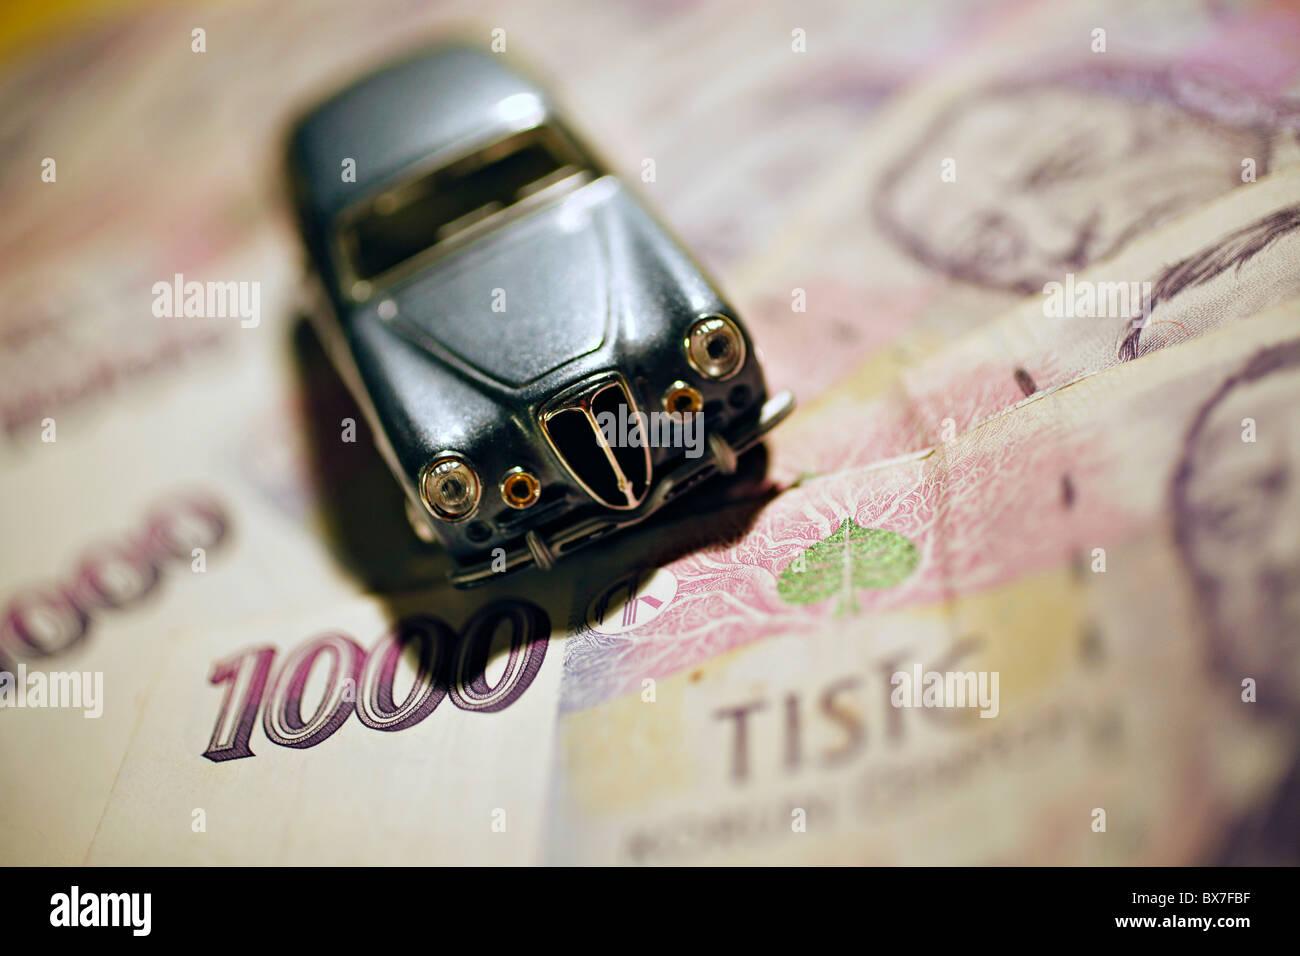 Auto, Modell, Aurelia GT-B20, Banknoten, Geld zu sparen, Stockbild